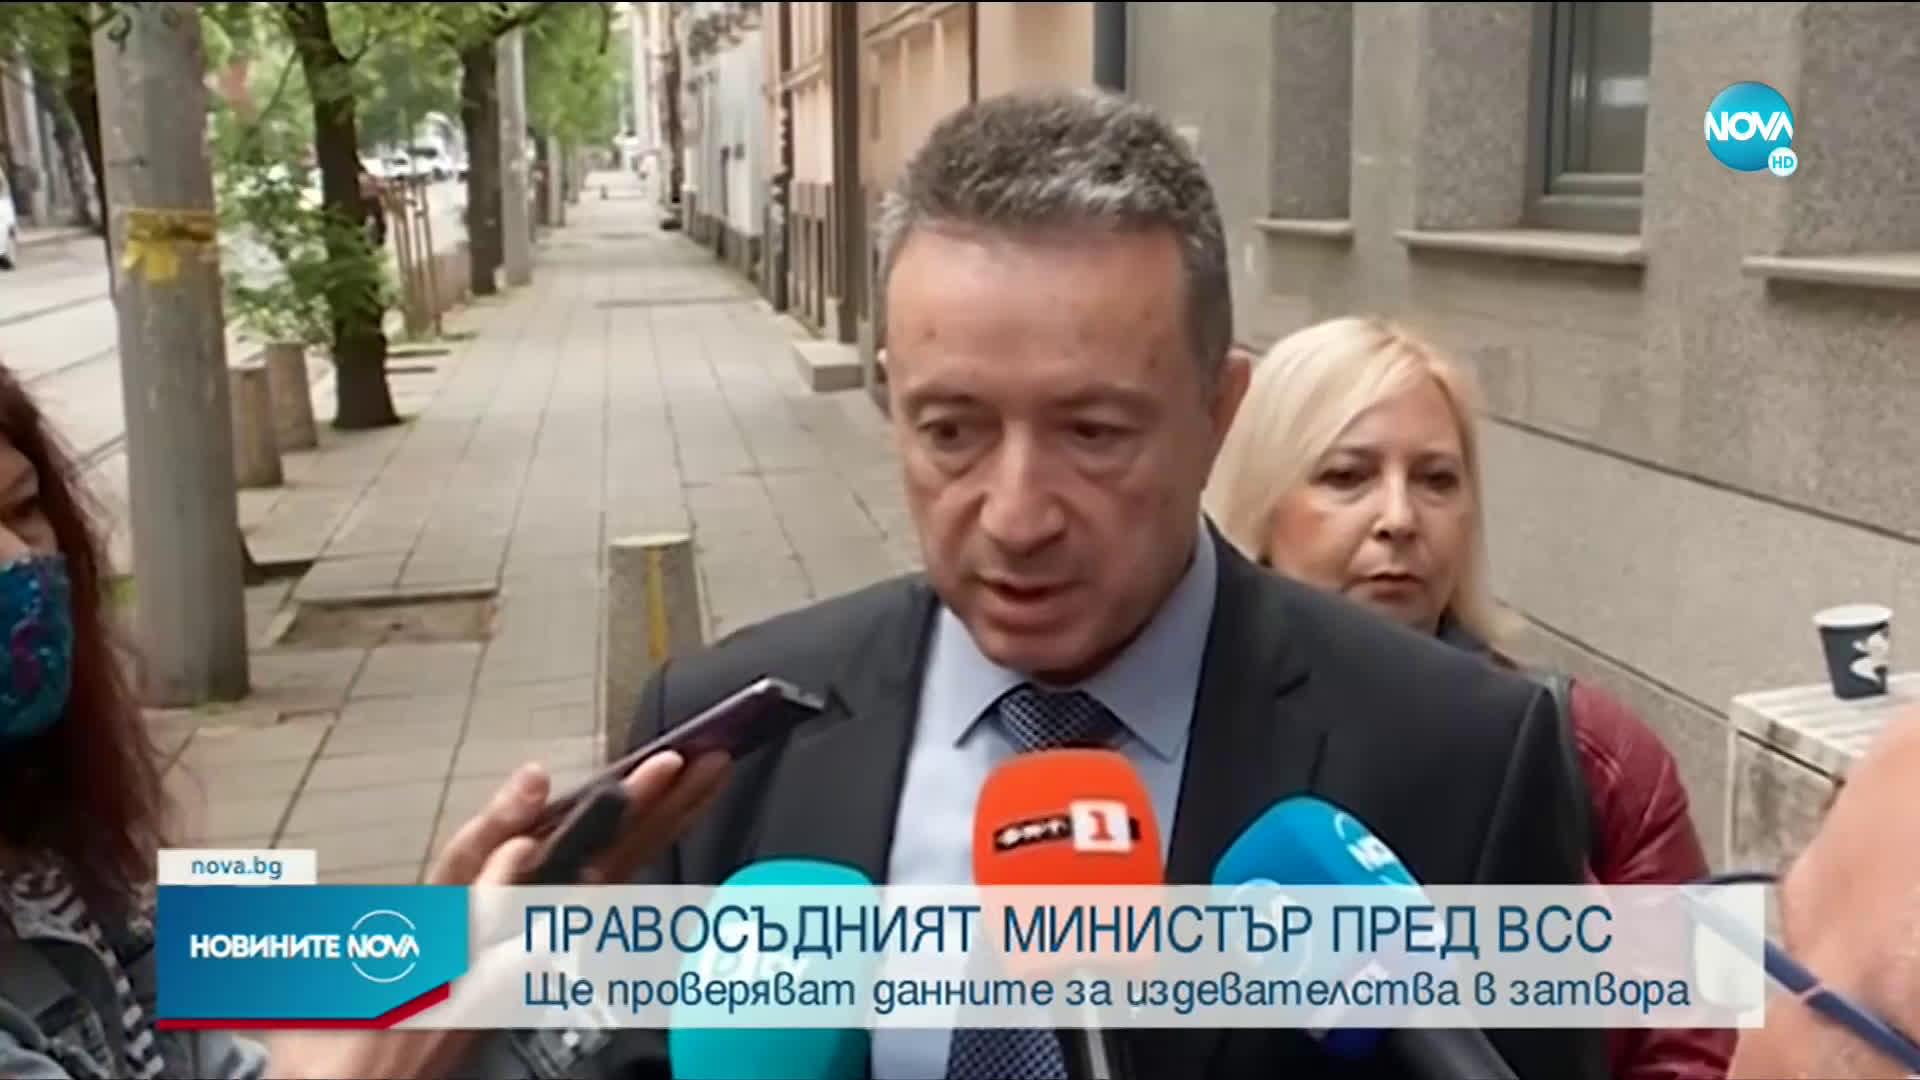 Първата задача на новия правосъден министър - проверява твърденията на Илчовски